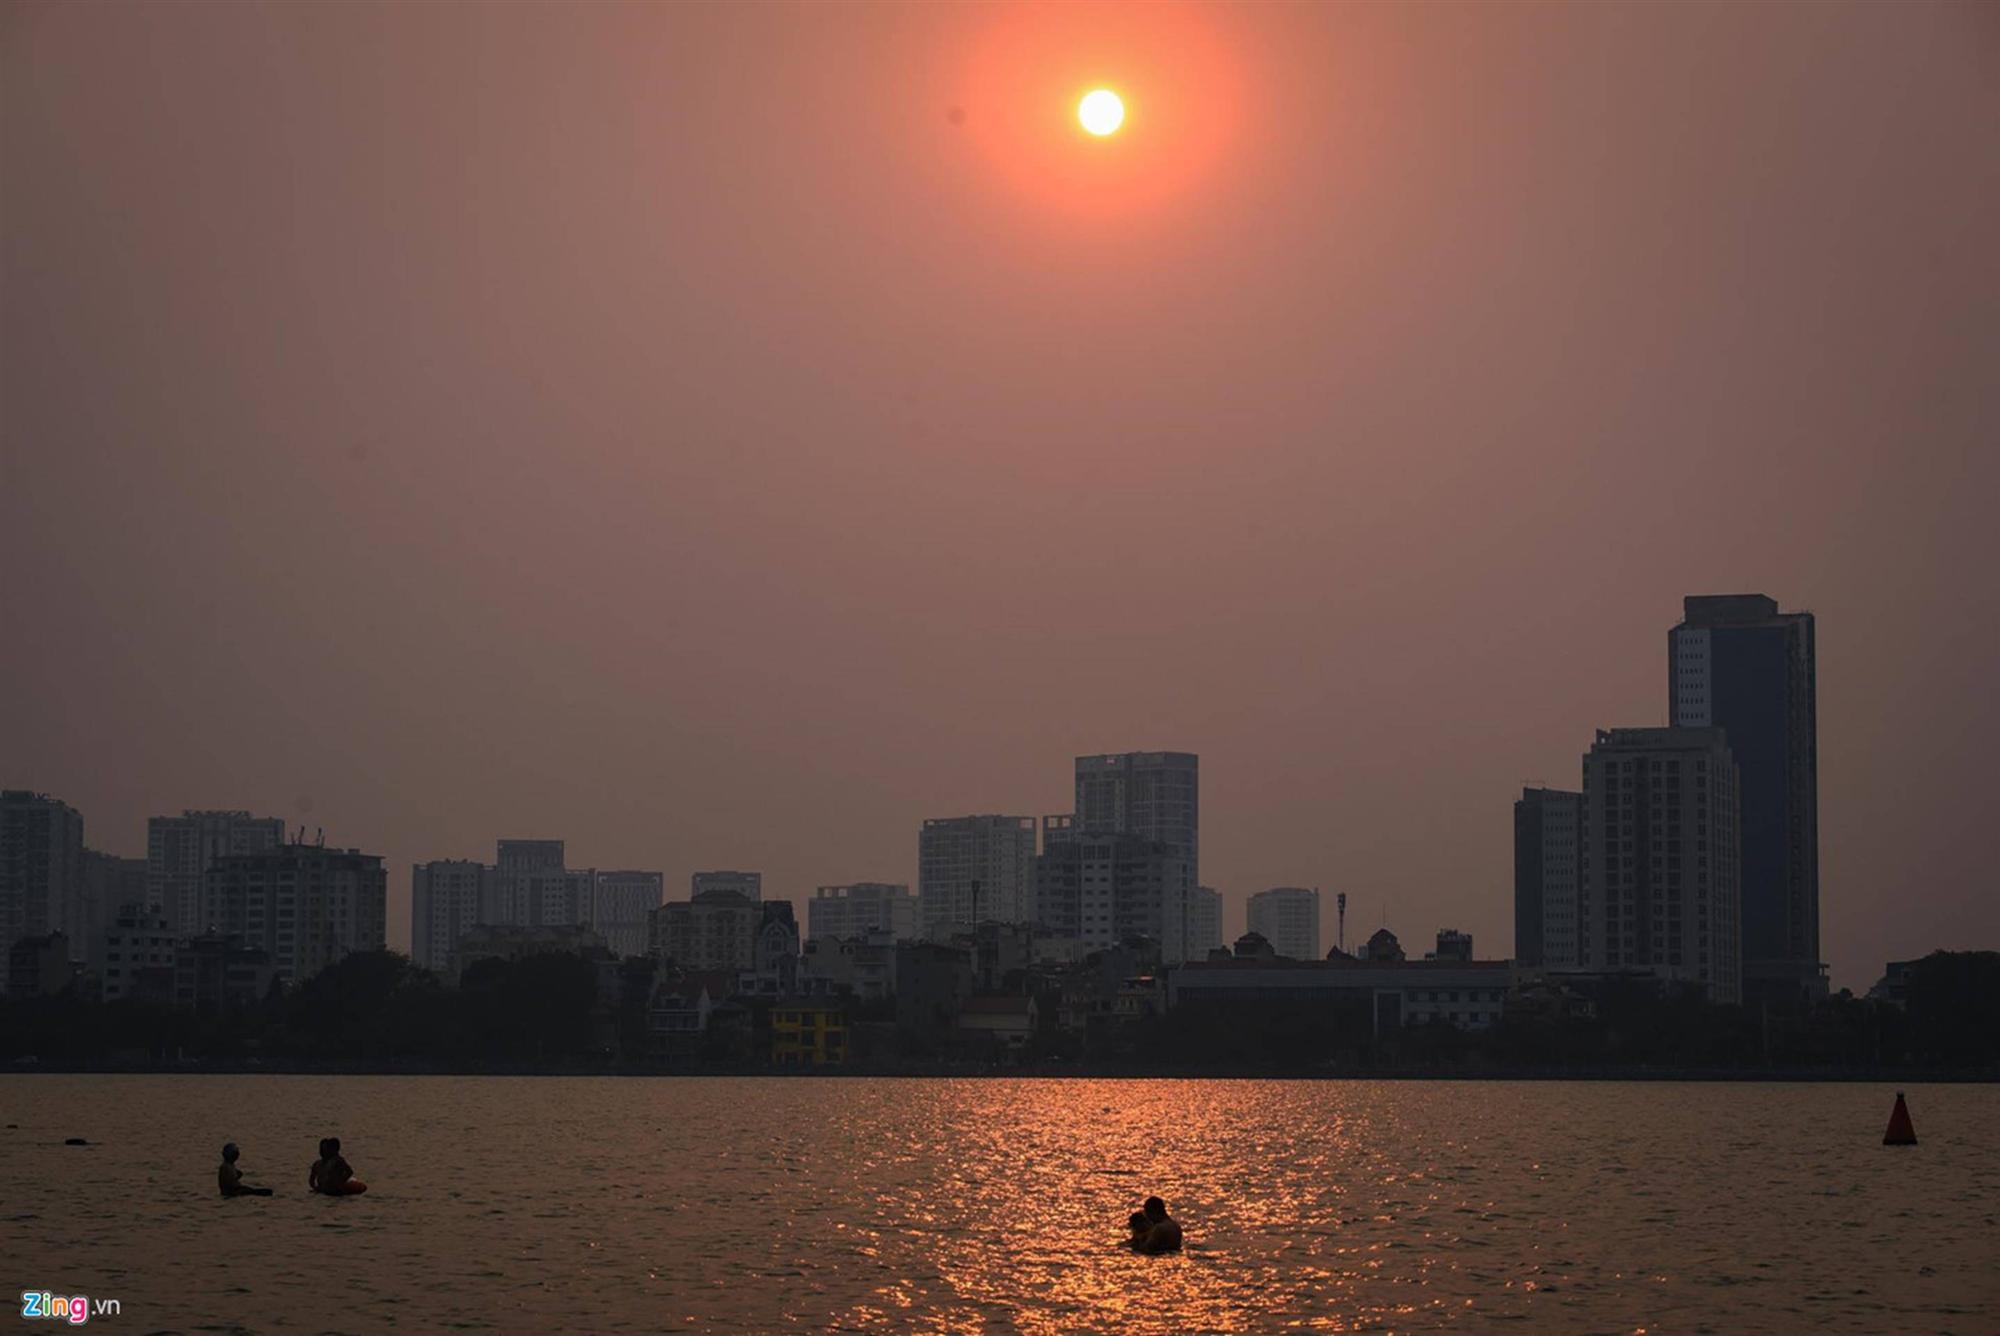 Mặt đường ở Hà Nội nóng hơn 50 độ C-9